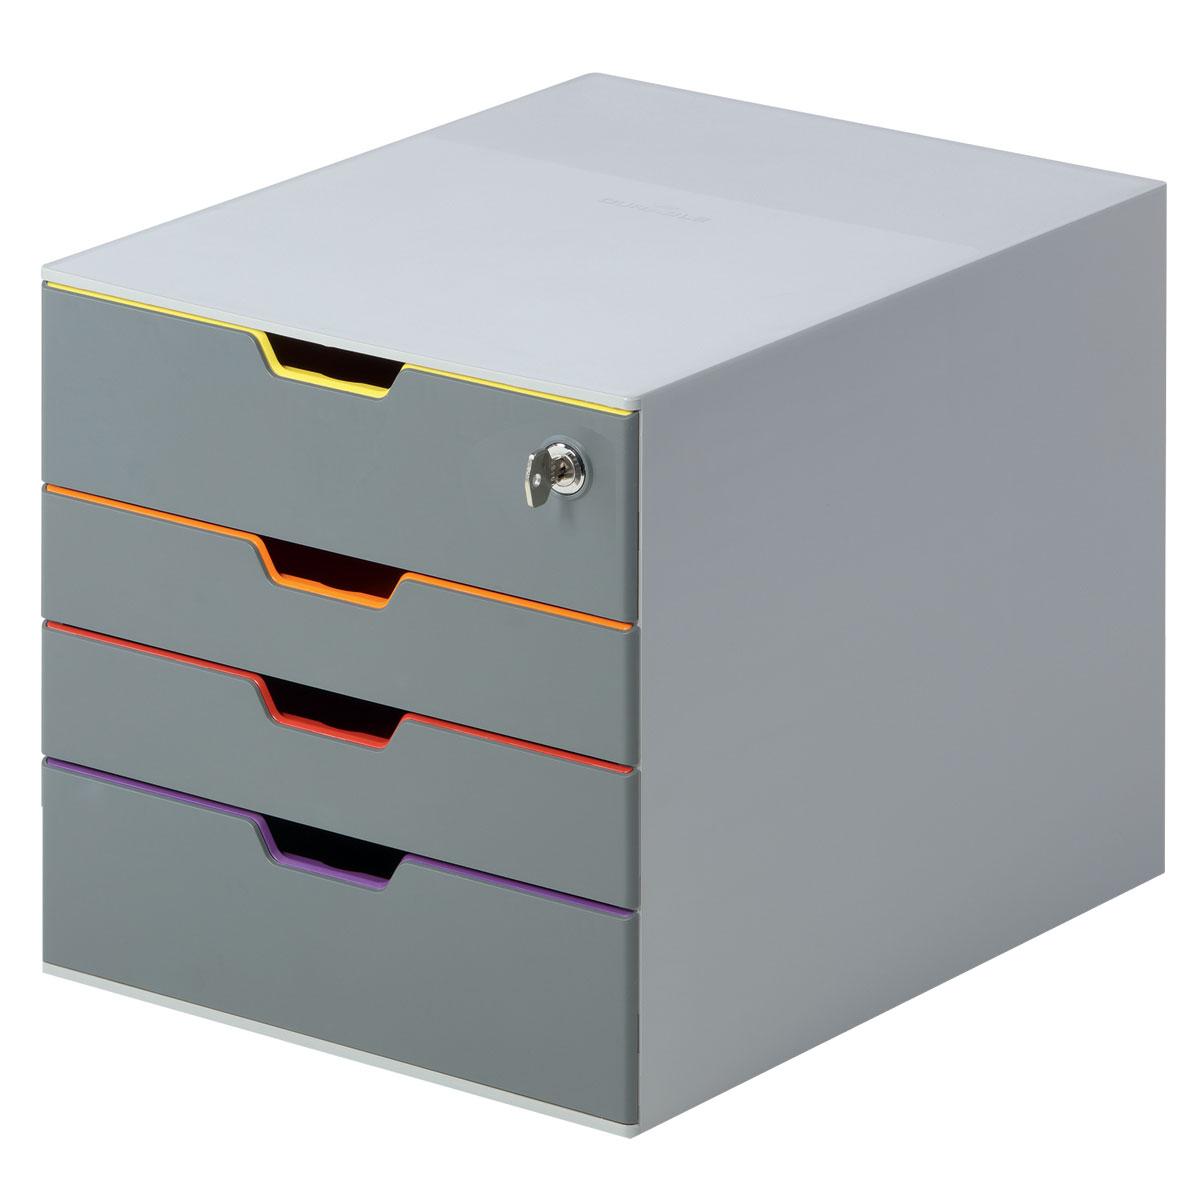 Короб для документов Durable Varicolor. 7606-277606-27Выполнен из высококачественного пластика. Выдвижные ящики закрытого типа, оснащены стопорами и табуляторами для маркировки. Боксы можно устанавливать друг на друга, фиксируются при помощи резиновых ножек. 4 ящика. Размер 292x280x356 мм. Стильный короб для документов с 4 выдвижными цветными ящичками. Выполнен из пластика премиального качества. Широкие лотки для удобного хранения большого количества документов. Верхний лоток запирается на замок, что позволяет хранить в боксе ценные бумаги и аксессуары. Выдвижные ящички выполнены в разных цветах, что позволяет группировать документы по тематикам и быстро их находить. Подходят для форматов А4, С4, Folio. Бокс оснащен стопорами, которые не позволяют выпасть лоткам при резком открывании, а также съемными табуляторами для маркировки. Не скользит даже на самых гладких поверхностях благодаря силиконовым ножкам.